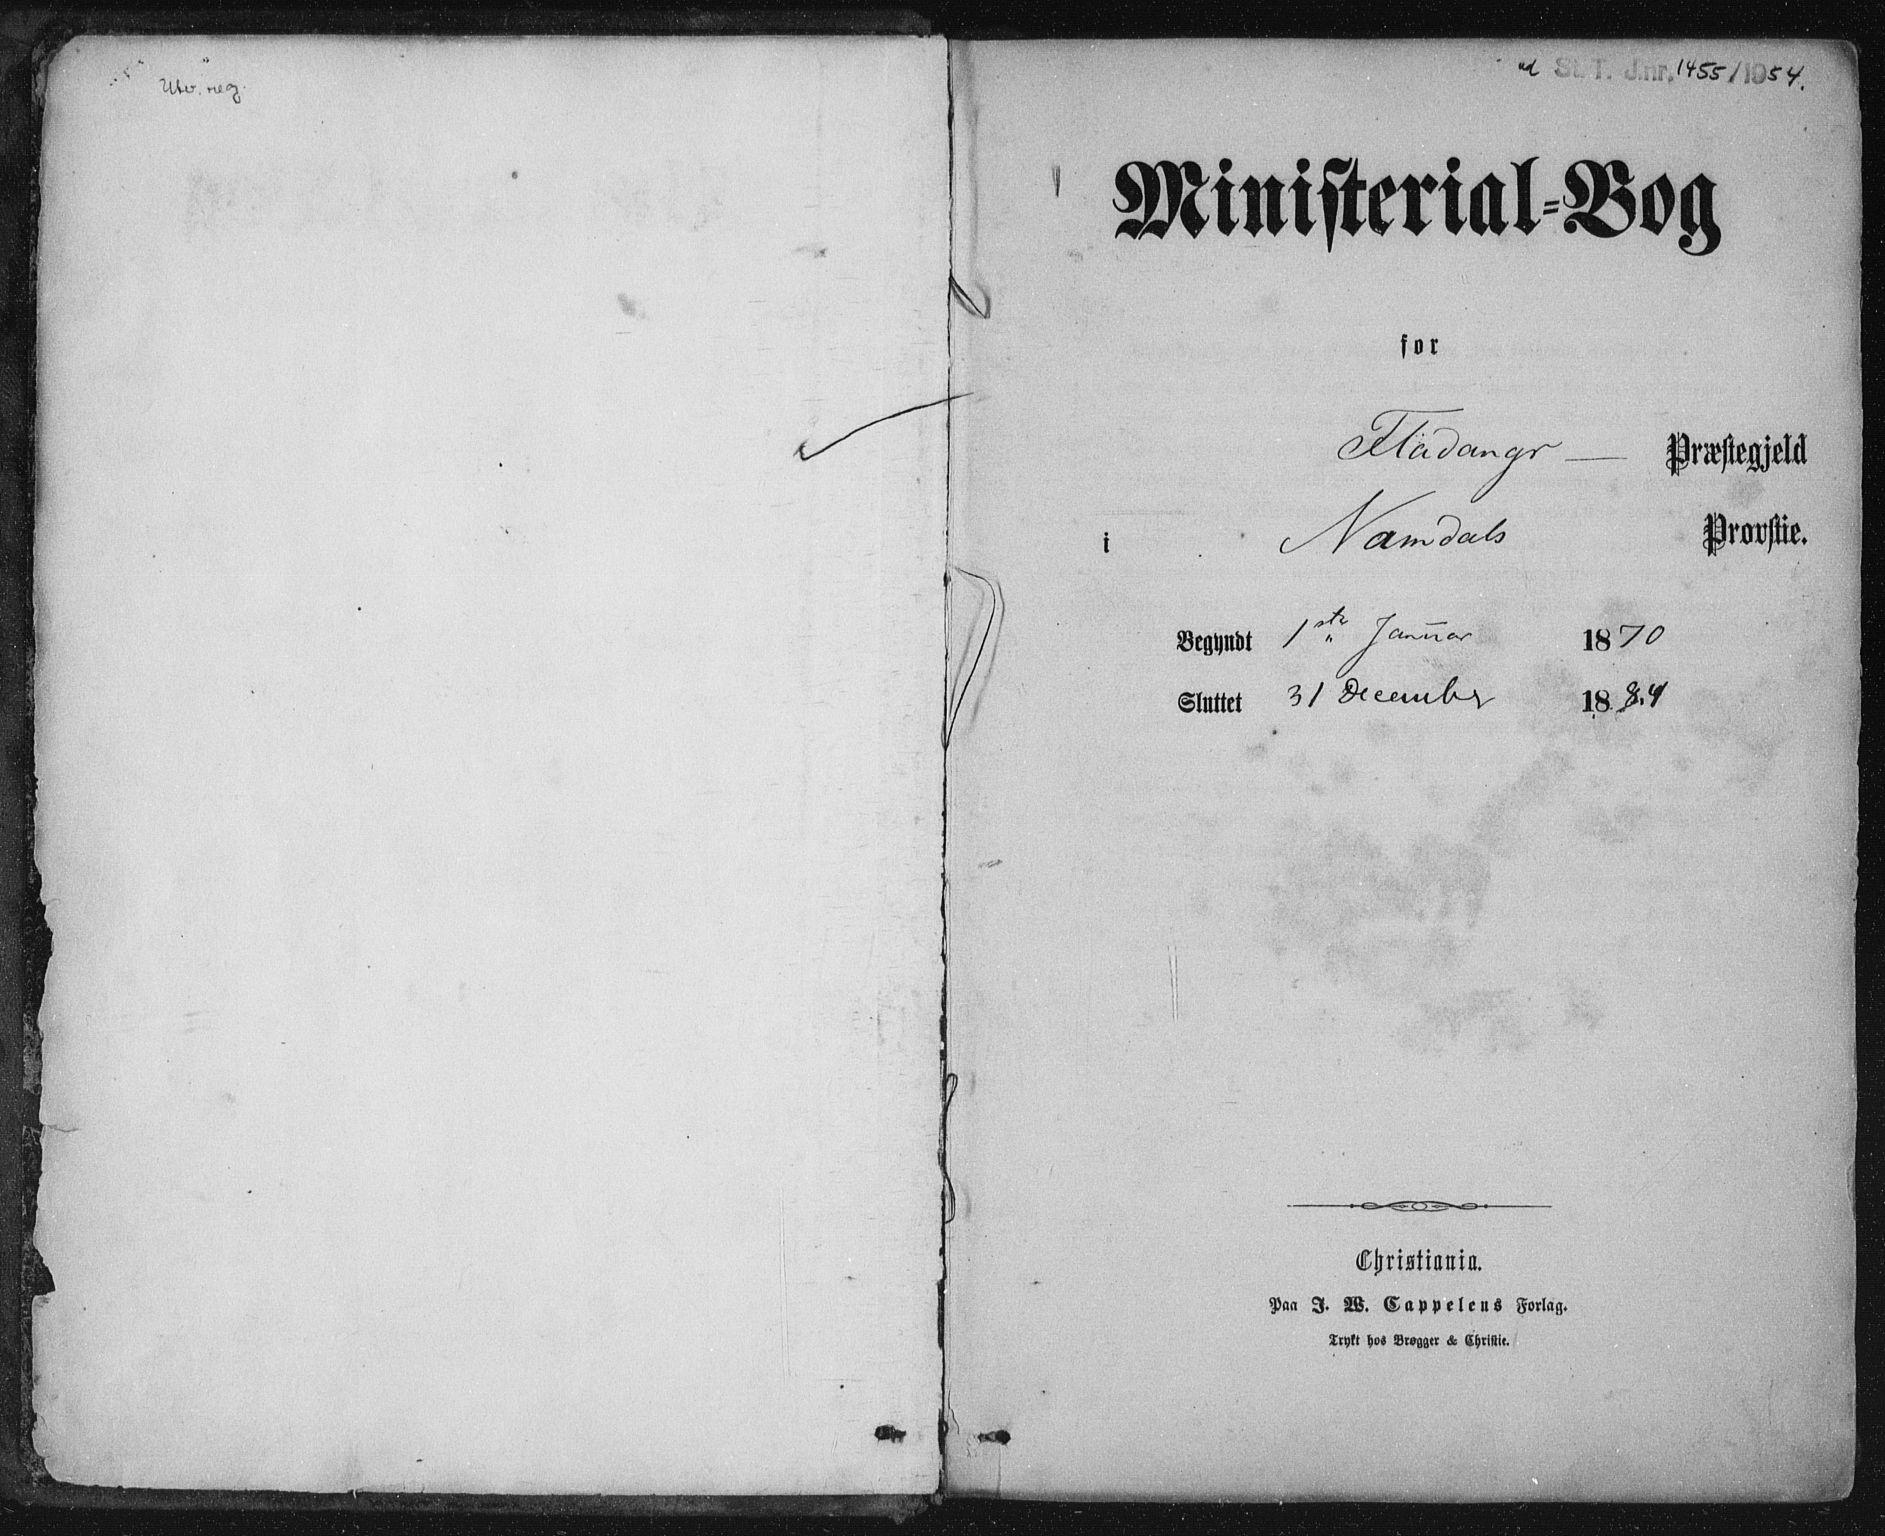 SAT, Ministerialprotokoller, klokkerbøker og fødselsregistre - Nord-Trøndelag, 771/L0596: Ministerialbok nr. 771A03, 1870-1884